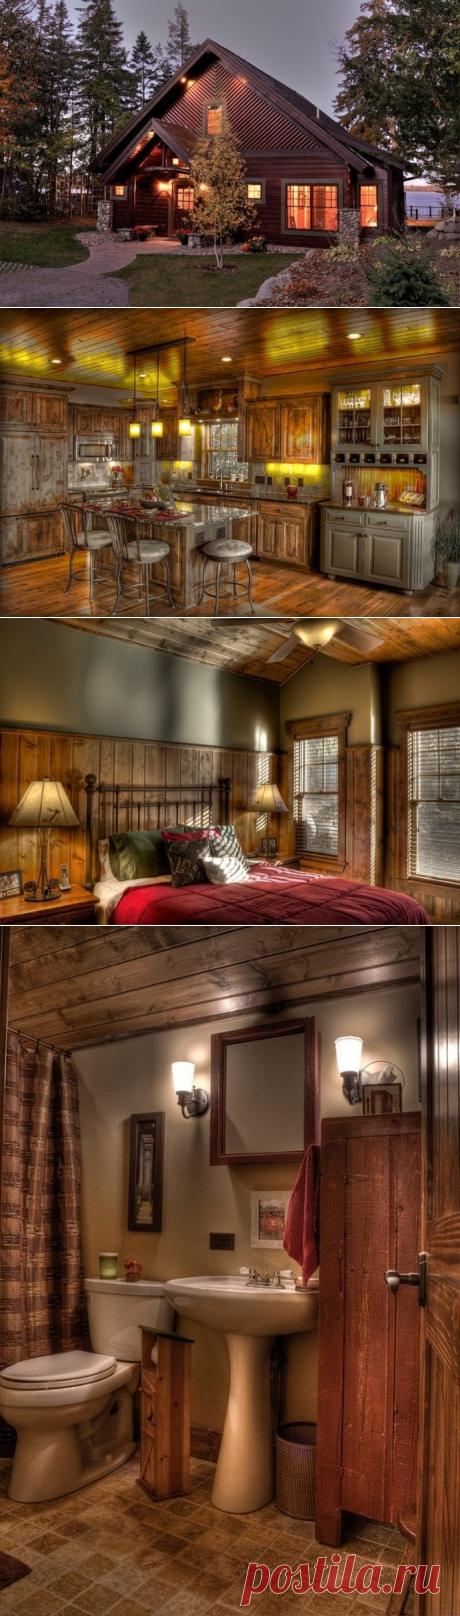 Деревенский дом - Дизайн интерьеров   Идеи вашего дома   Lodgers